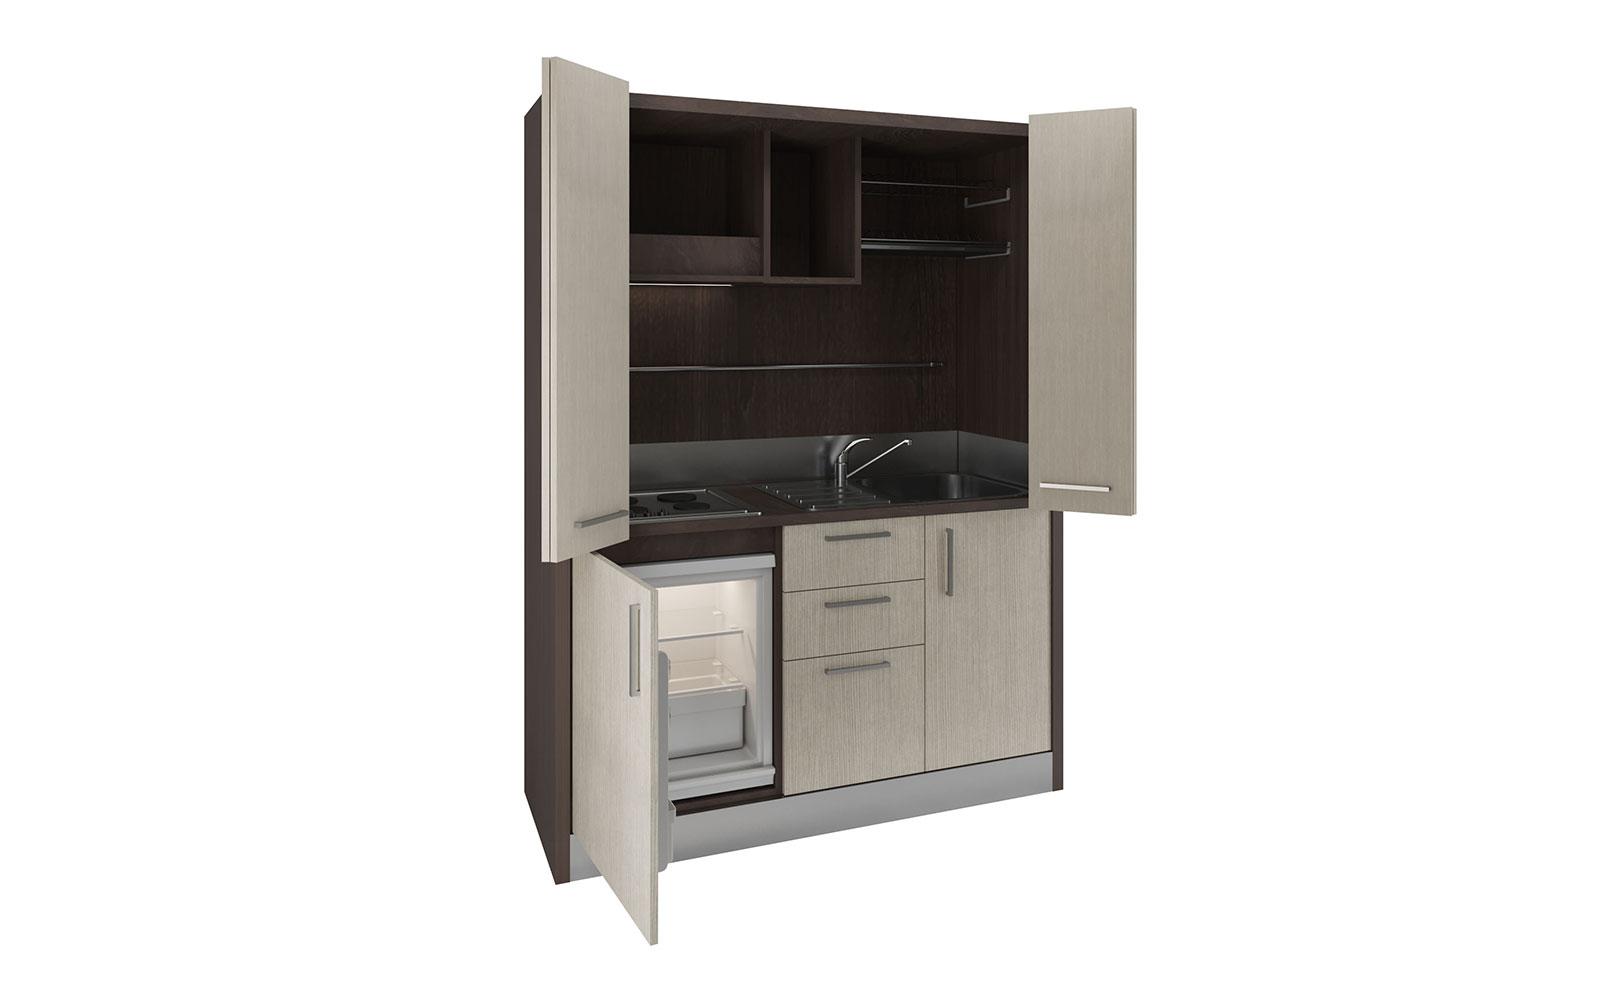 Oltrepo - Mini cucina a scomparsa in armadio ad ante da 158cm con ...